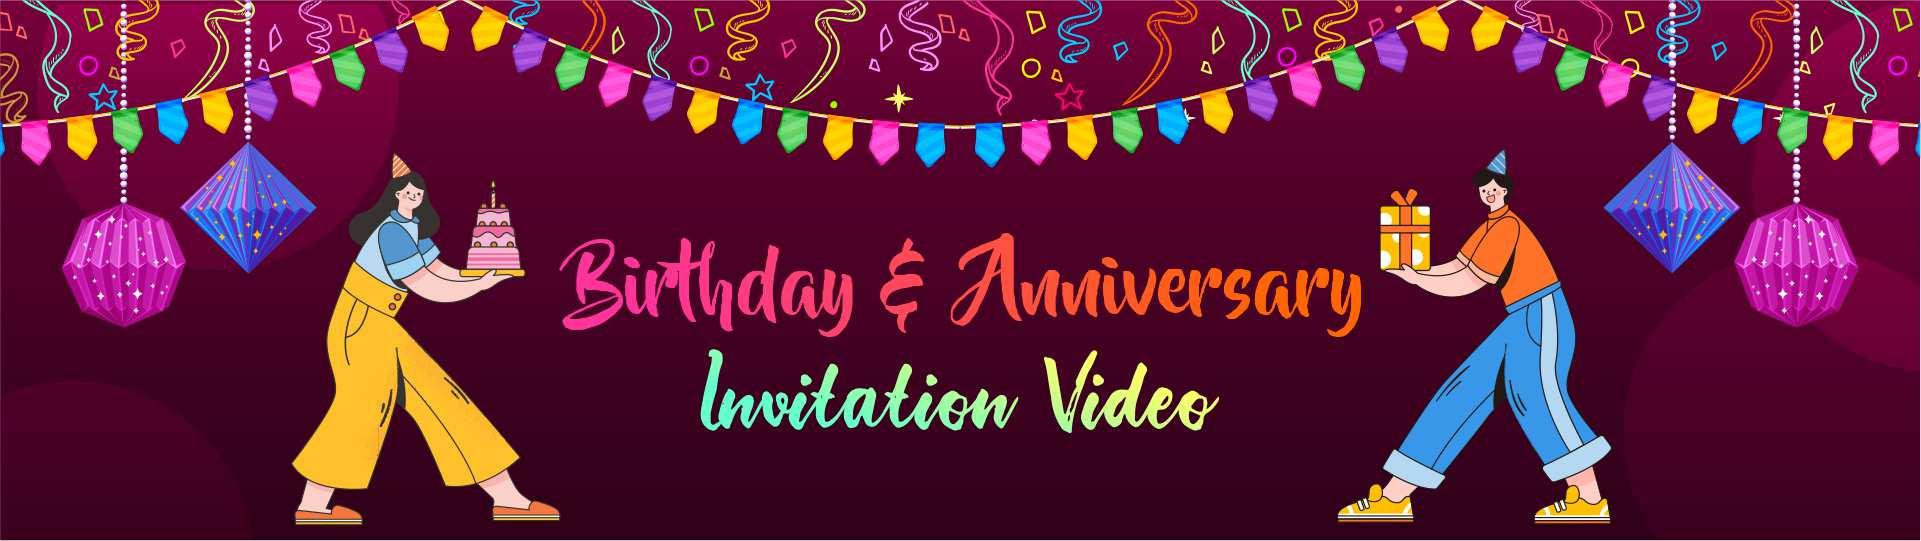 Birthday & Anniversary Video